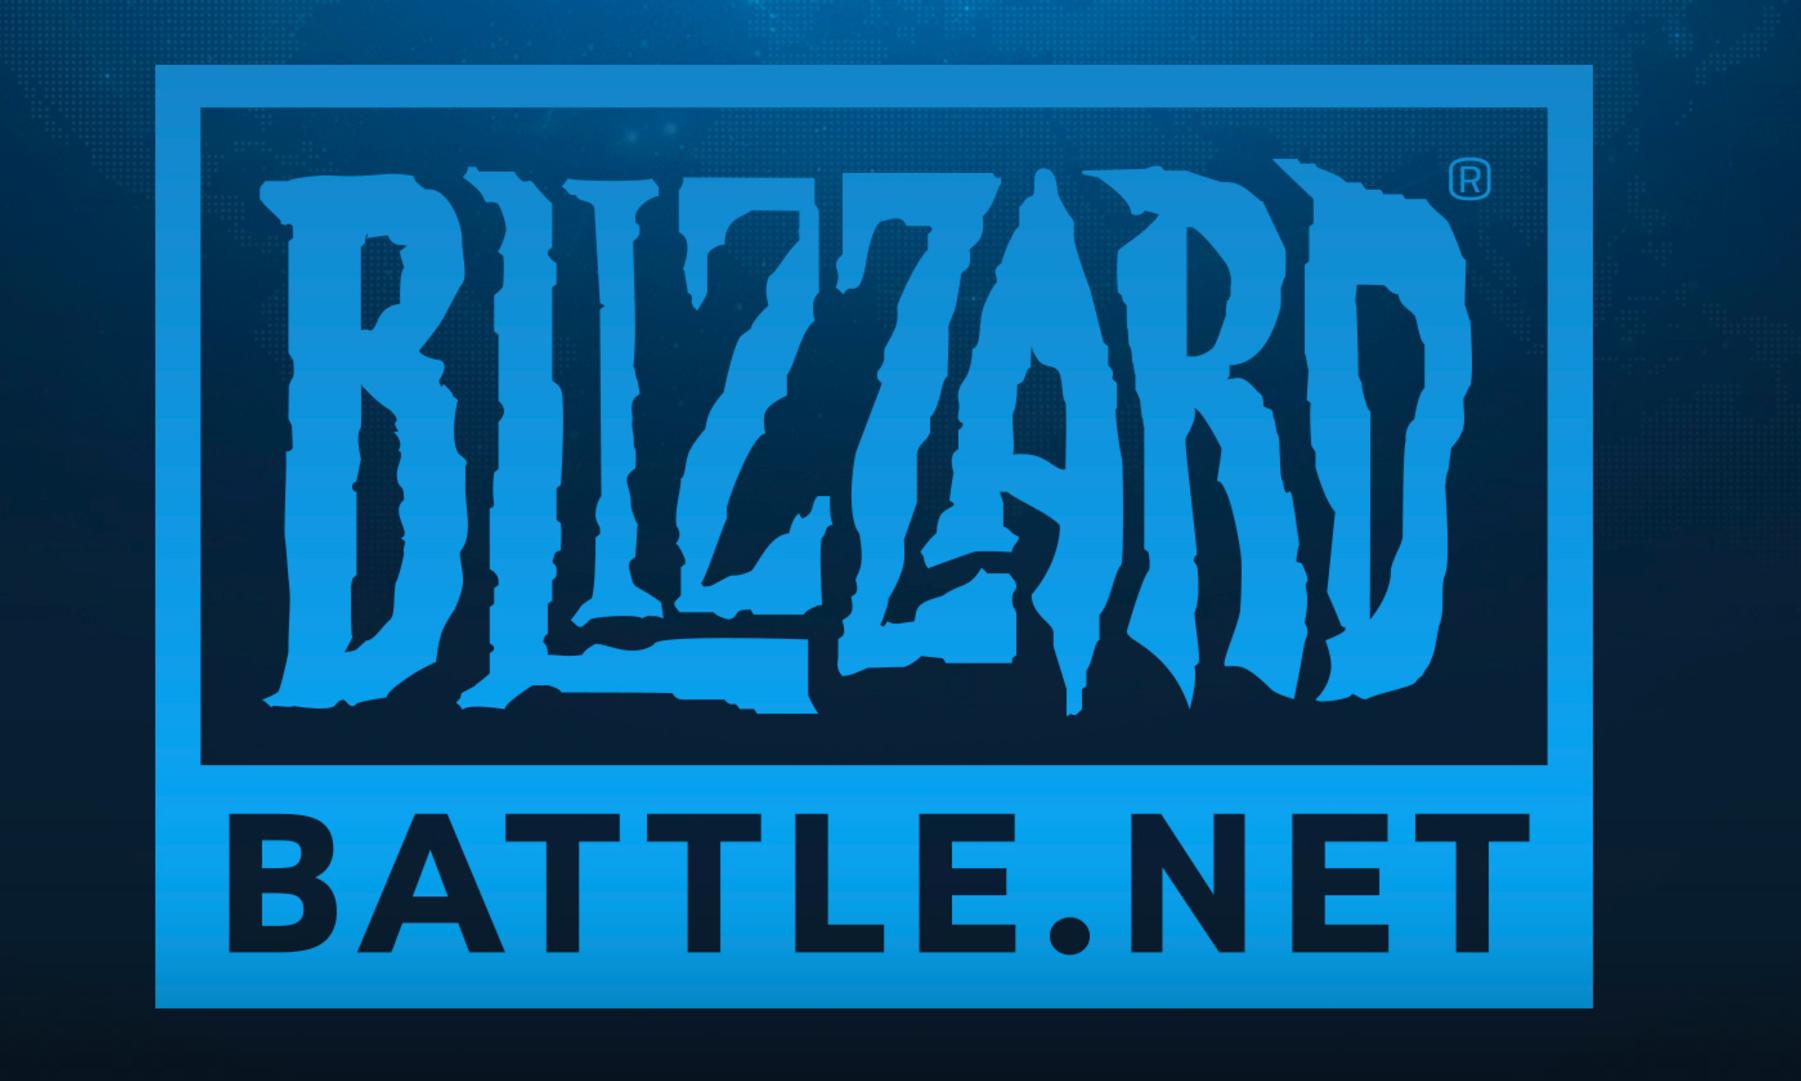 Battle Net Wikipedia